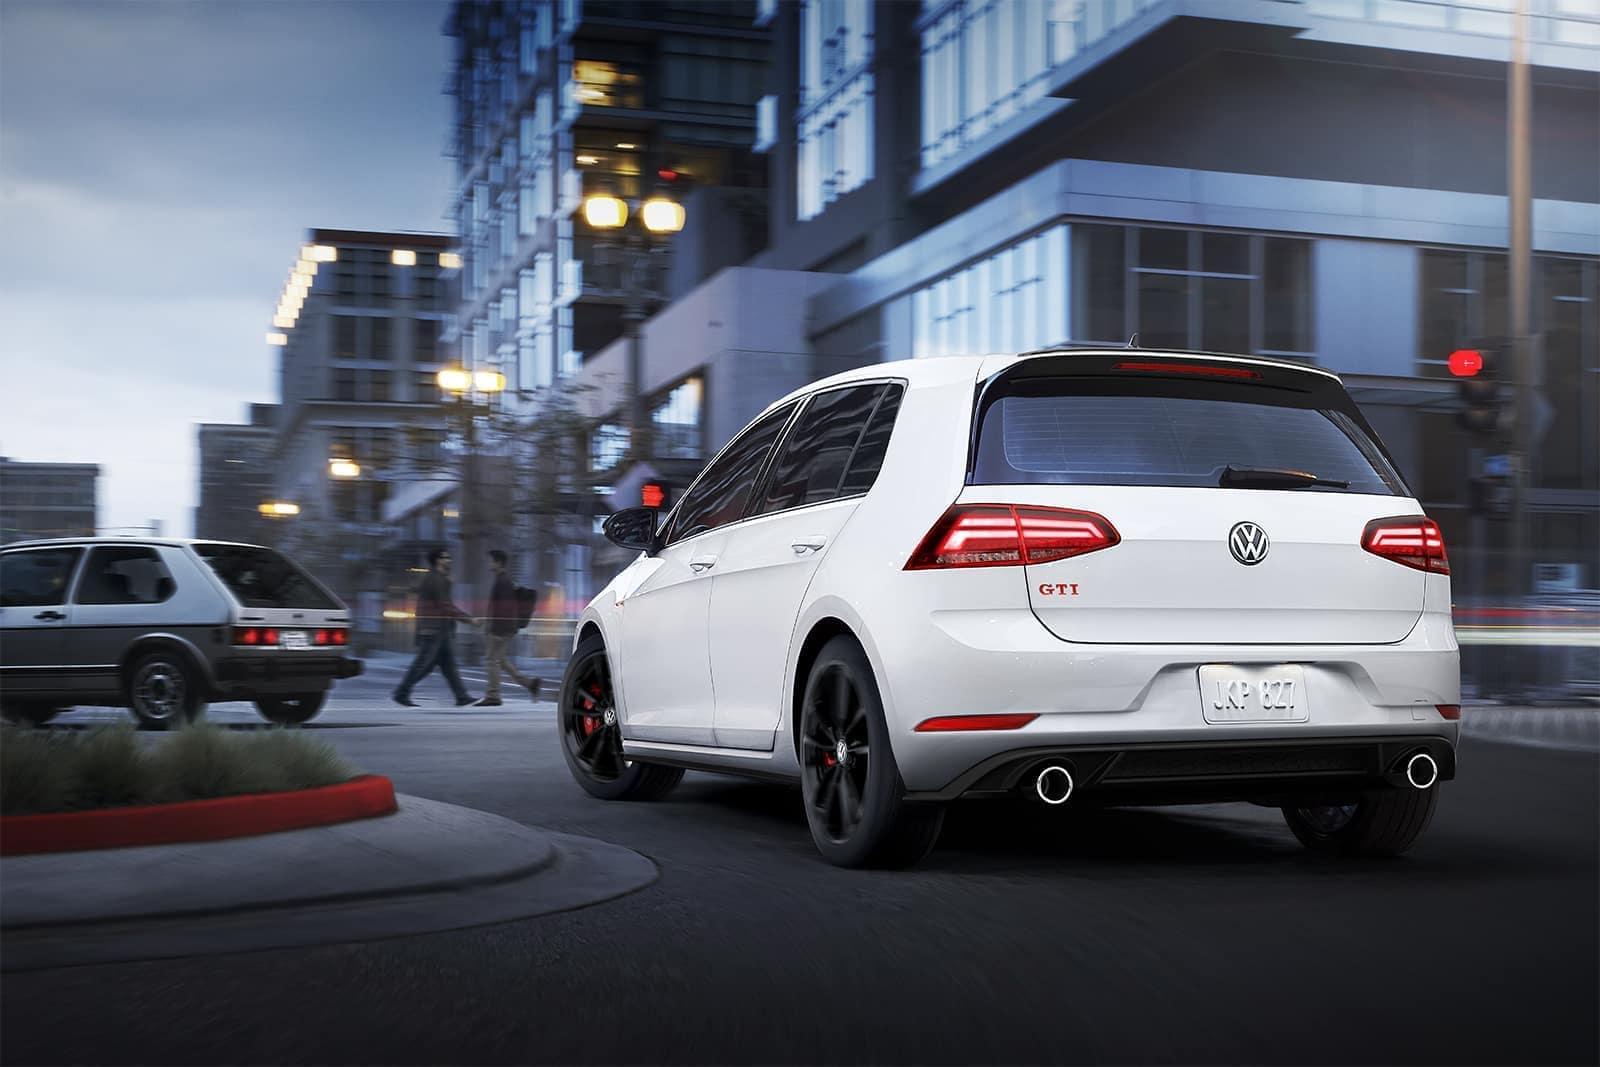 2019 VW Golf GTI Rear